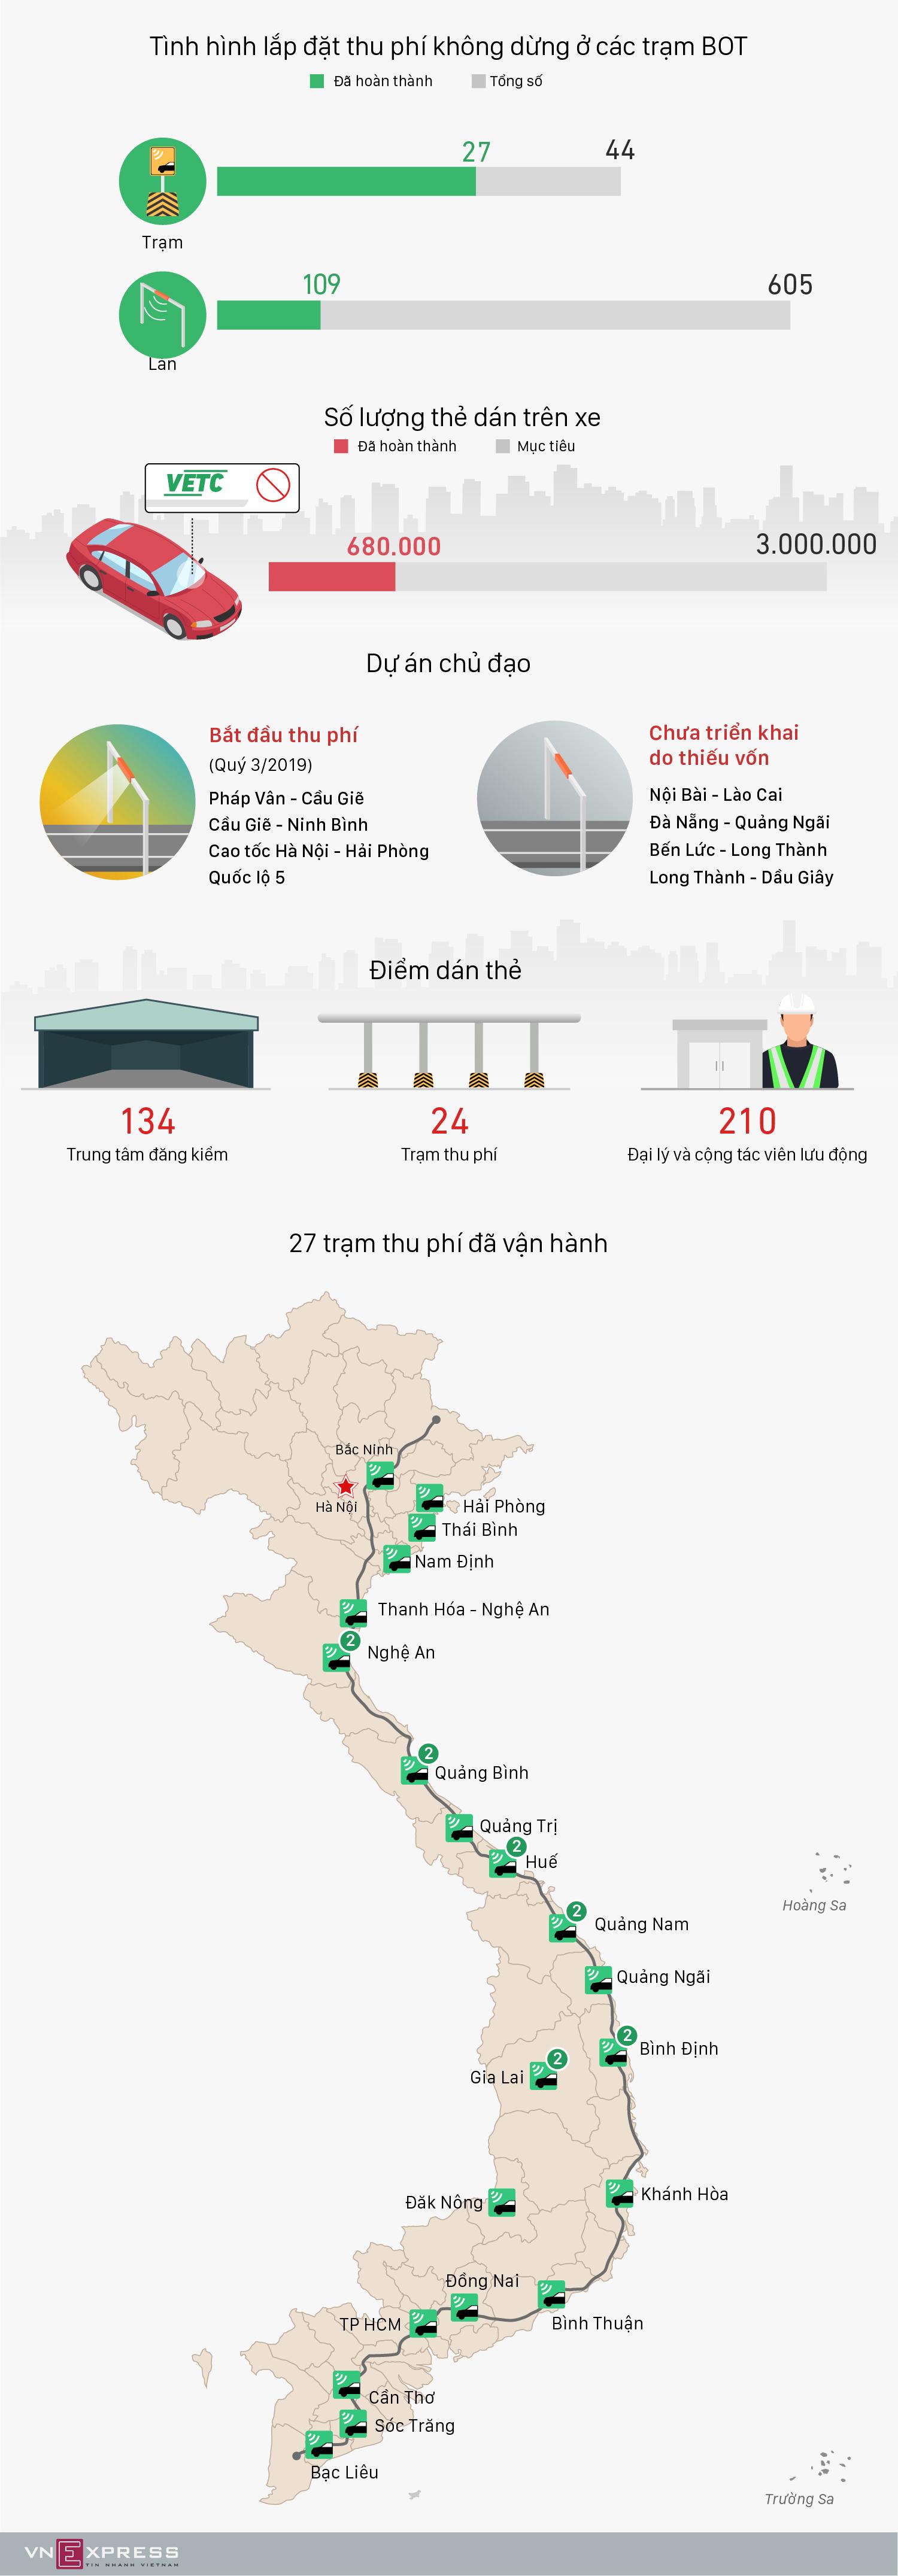 [Infographic] 27 trạm BOT đã lắp đặt hệ thống thu phí không dừng - Ảnh 1